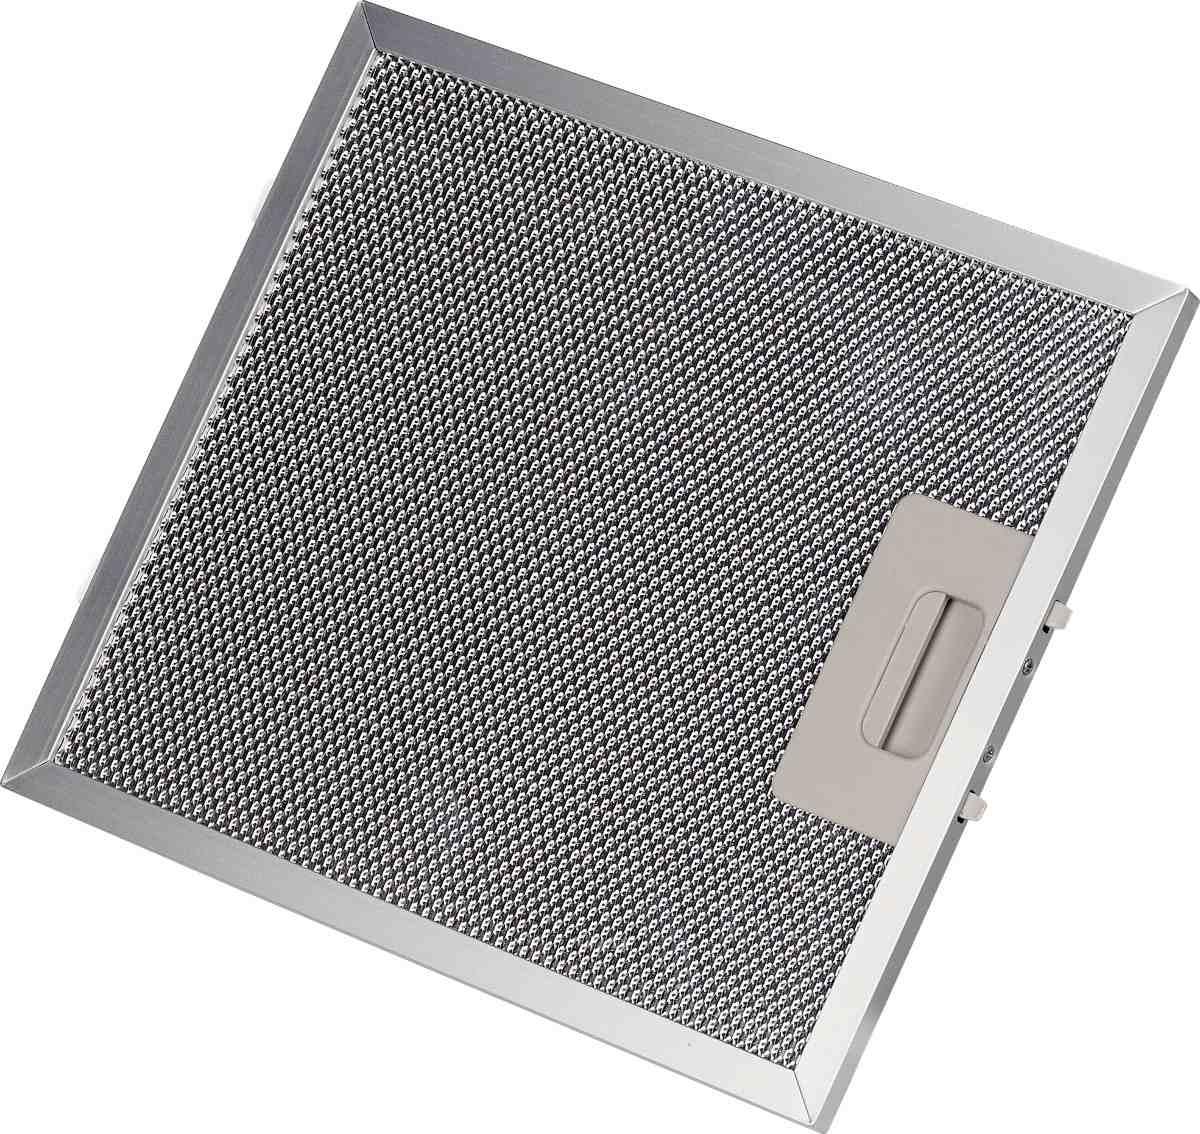 Filtro Alumínio Coifa Coral / Granada 27,7 x 36,3 cm - Suggar  - HL SERVICE